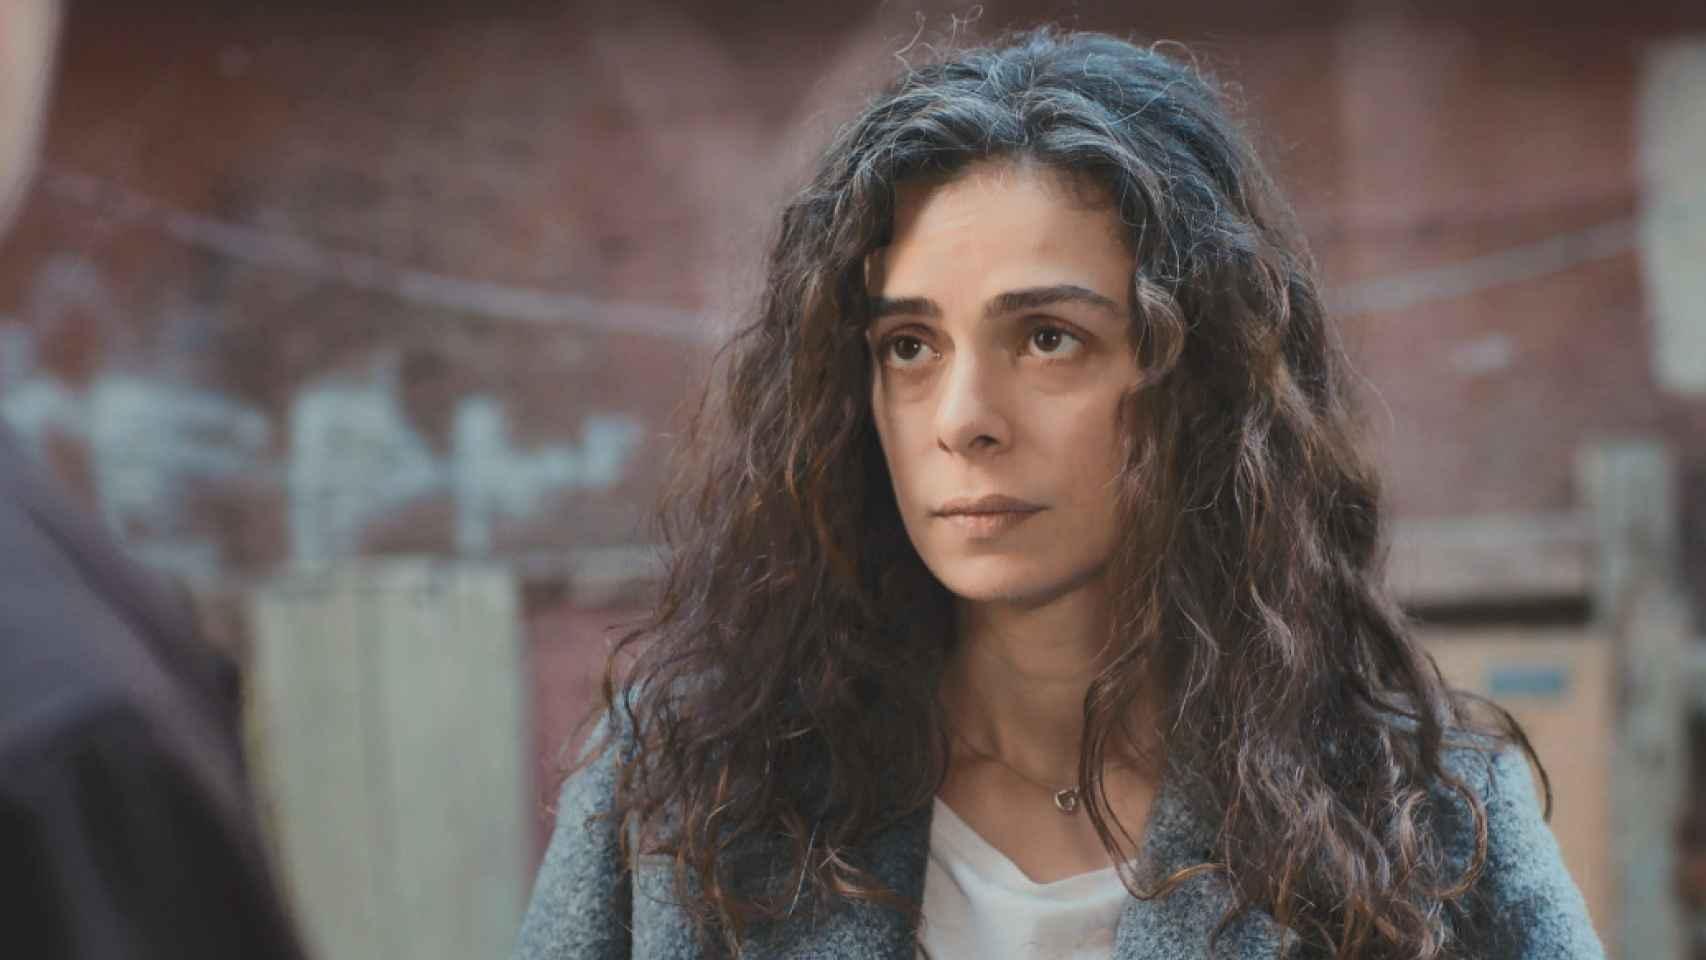 Avance en fotos del capítulo 76 de 'Mujer' que Antena 3 emite el martes 8 de junio